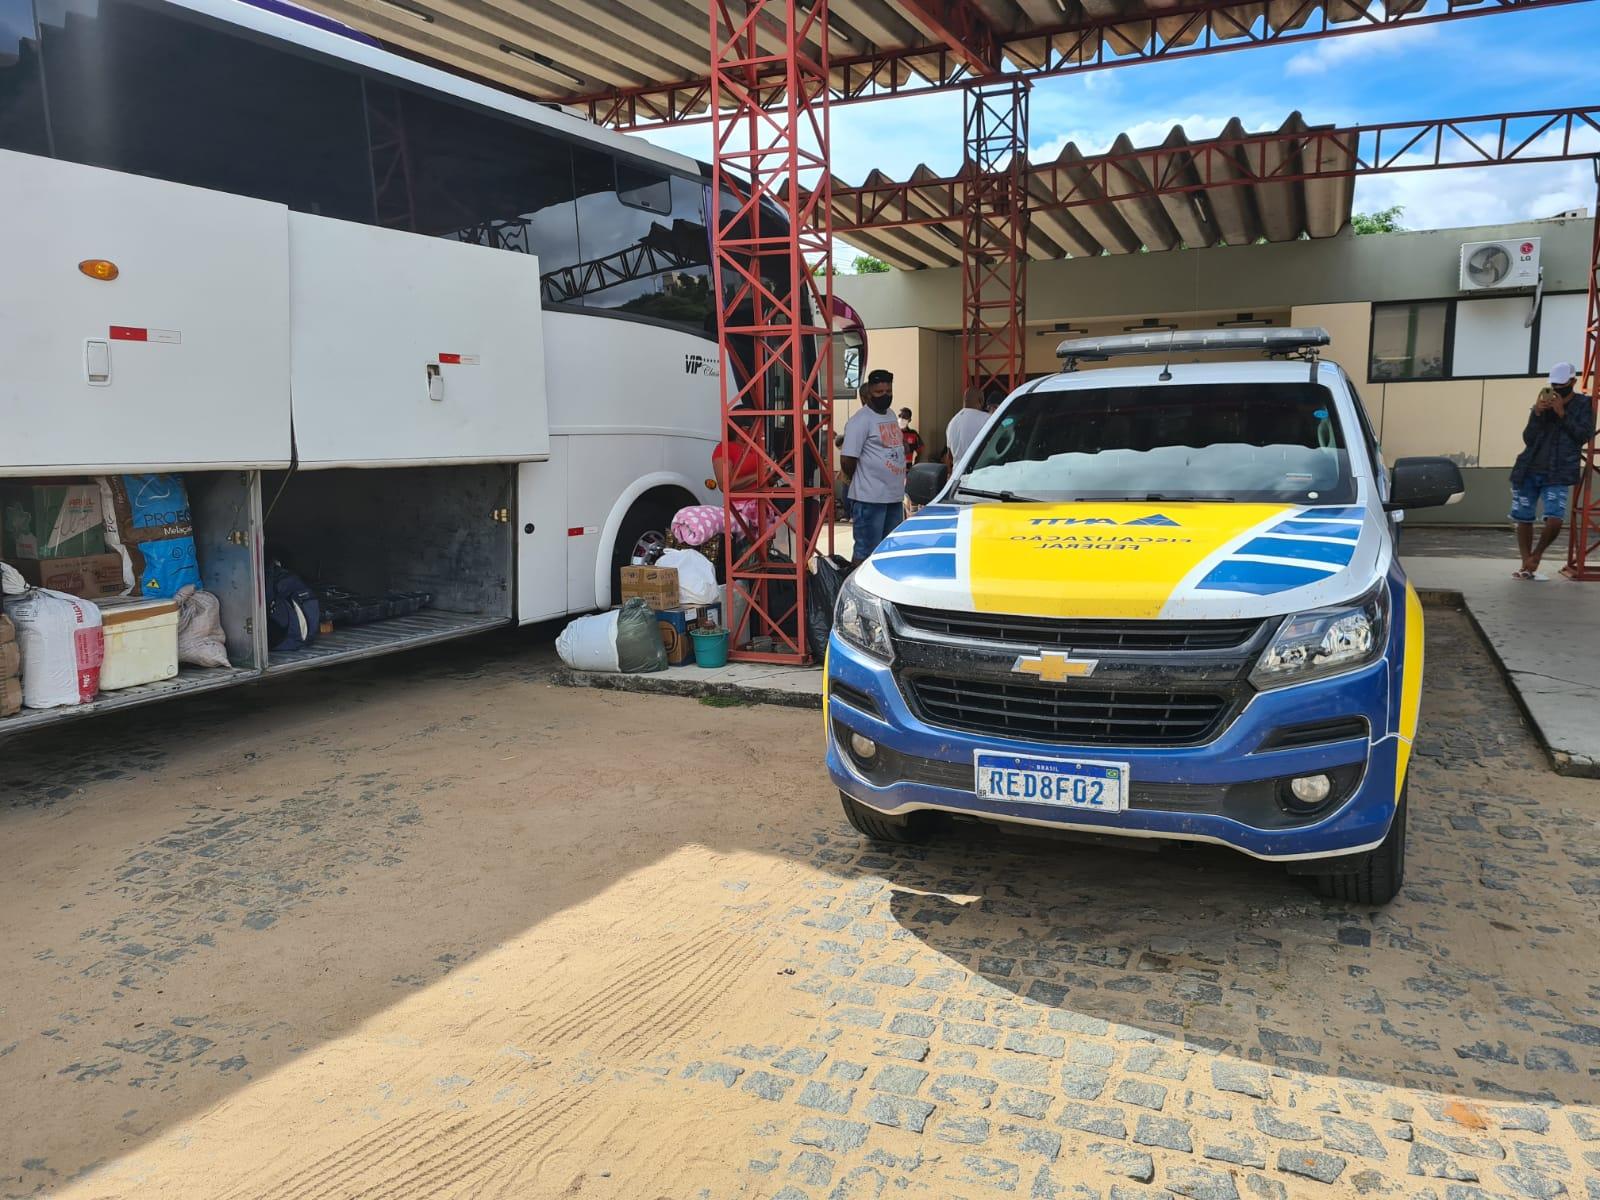 Ação da ANTT apreende 20 veículos fazendo transporte clandestino na Bahia e em Sergipe